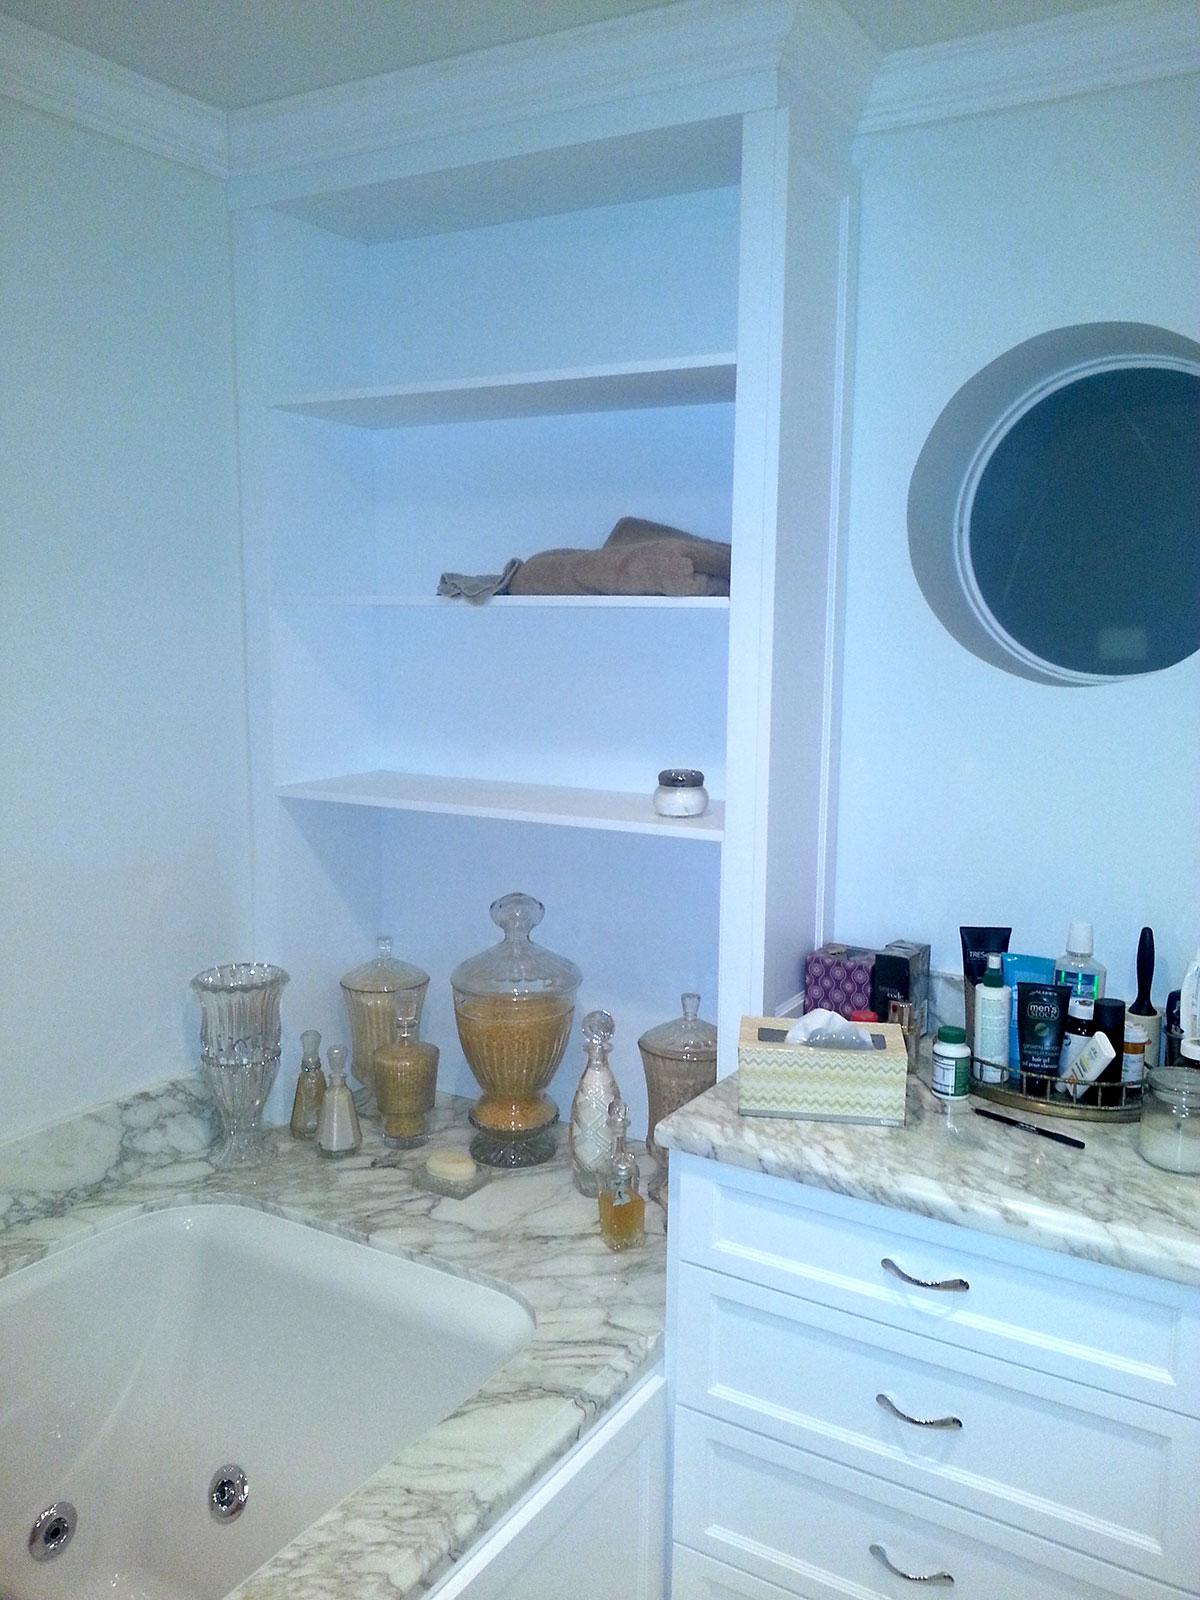 EJD-andrea-bathroom-remodel-10